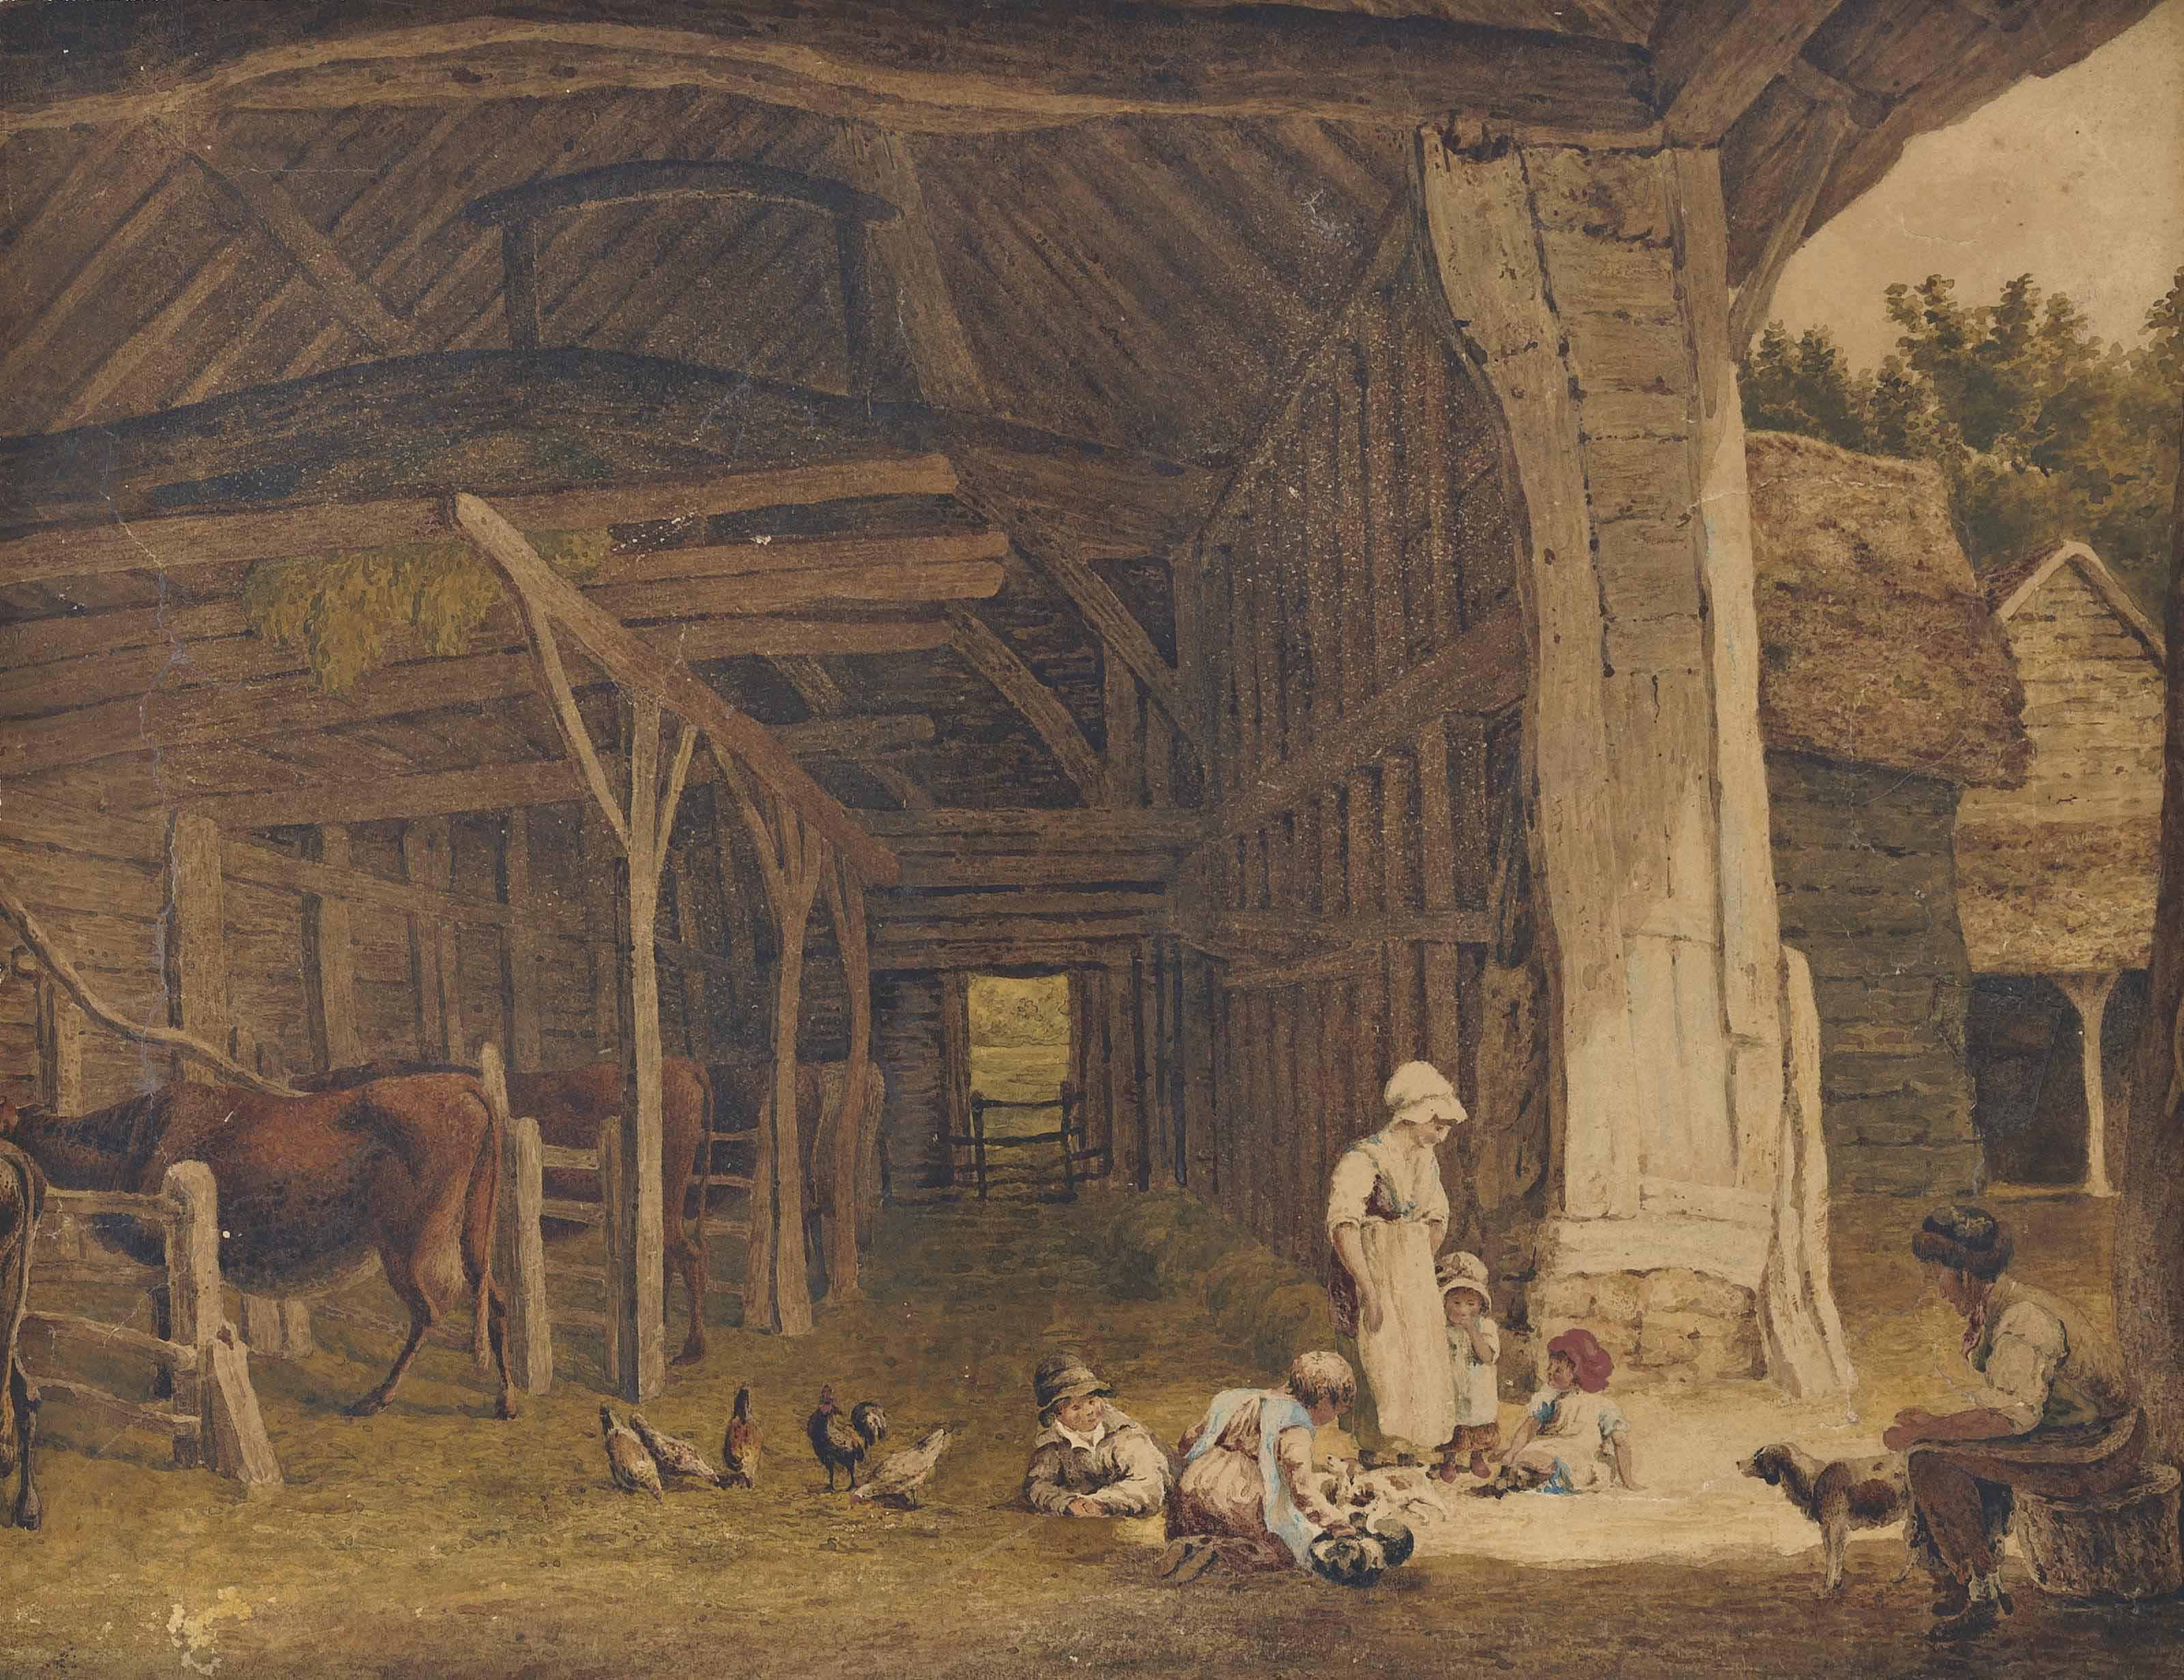 Robert Hills, O.W.S. (1769-1844)